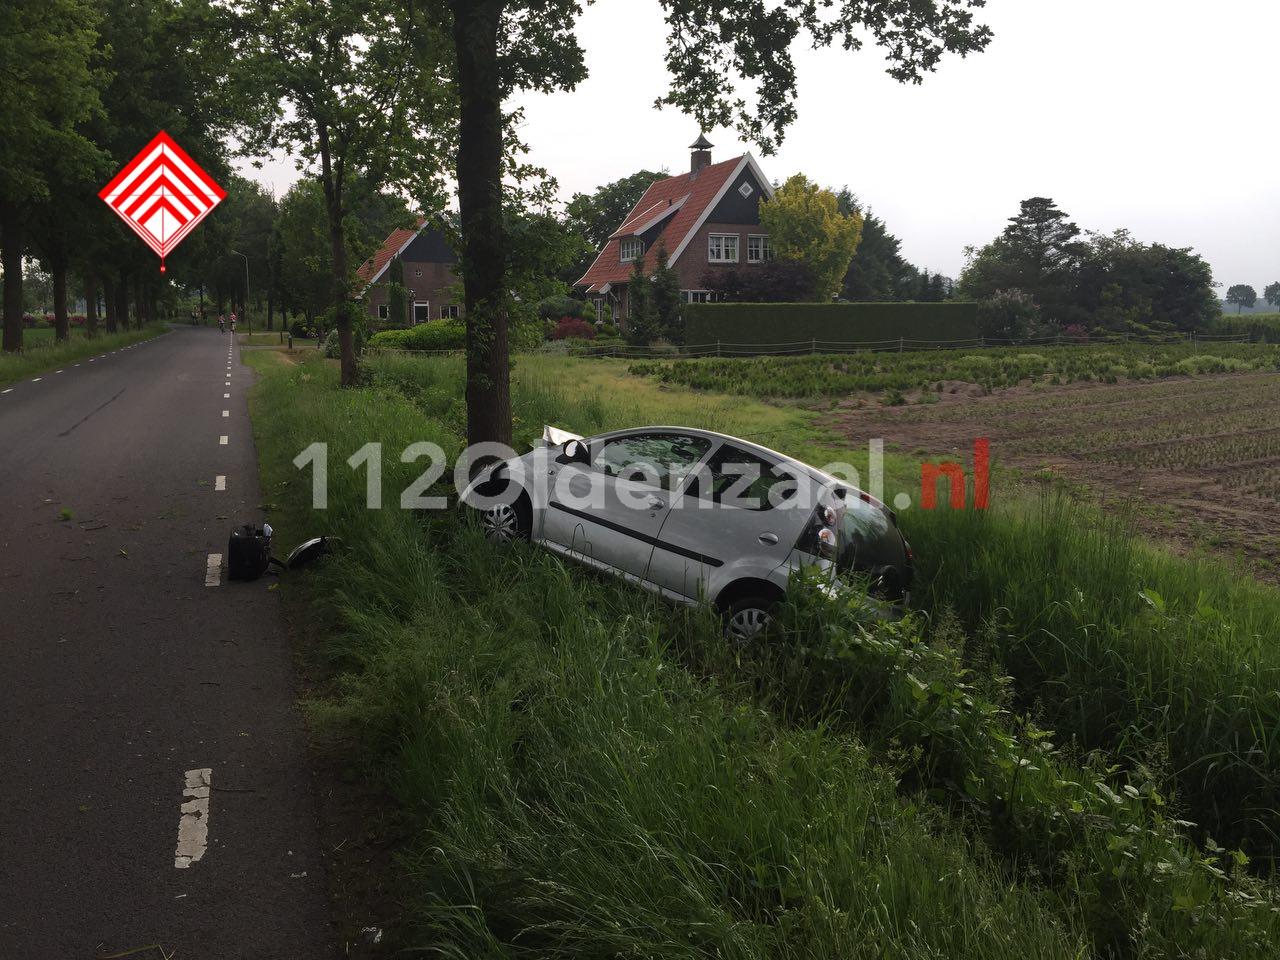 Foto: Vrouw gewond bij eenzijdige aanrijding in Beuningen, auto belandt in sloot